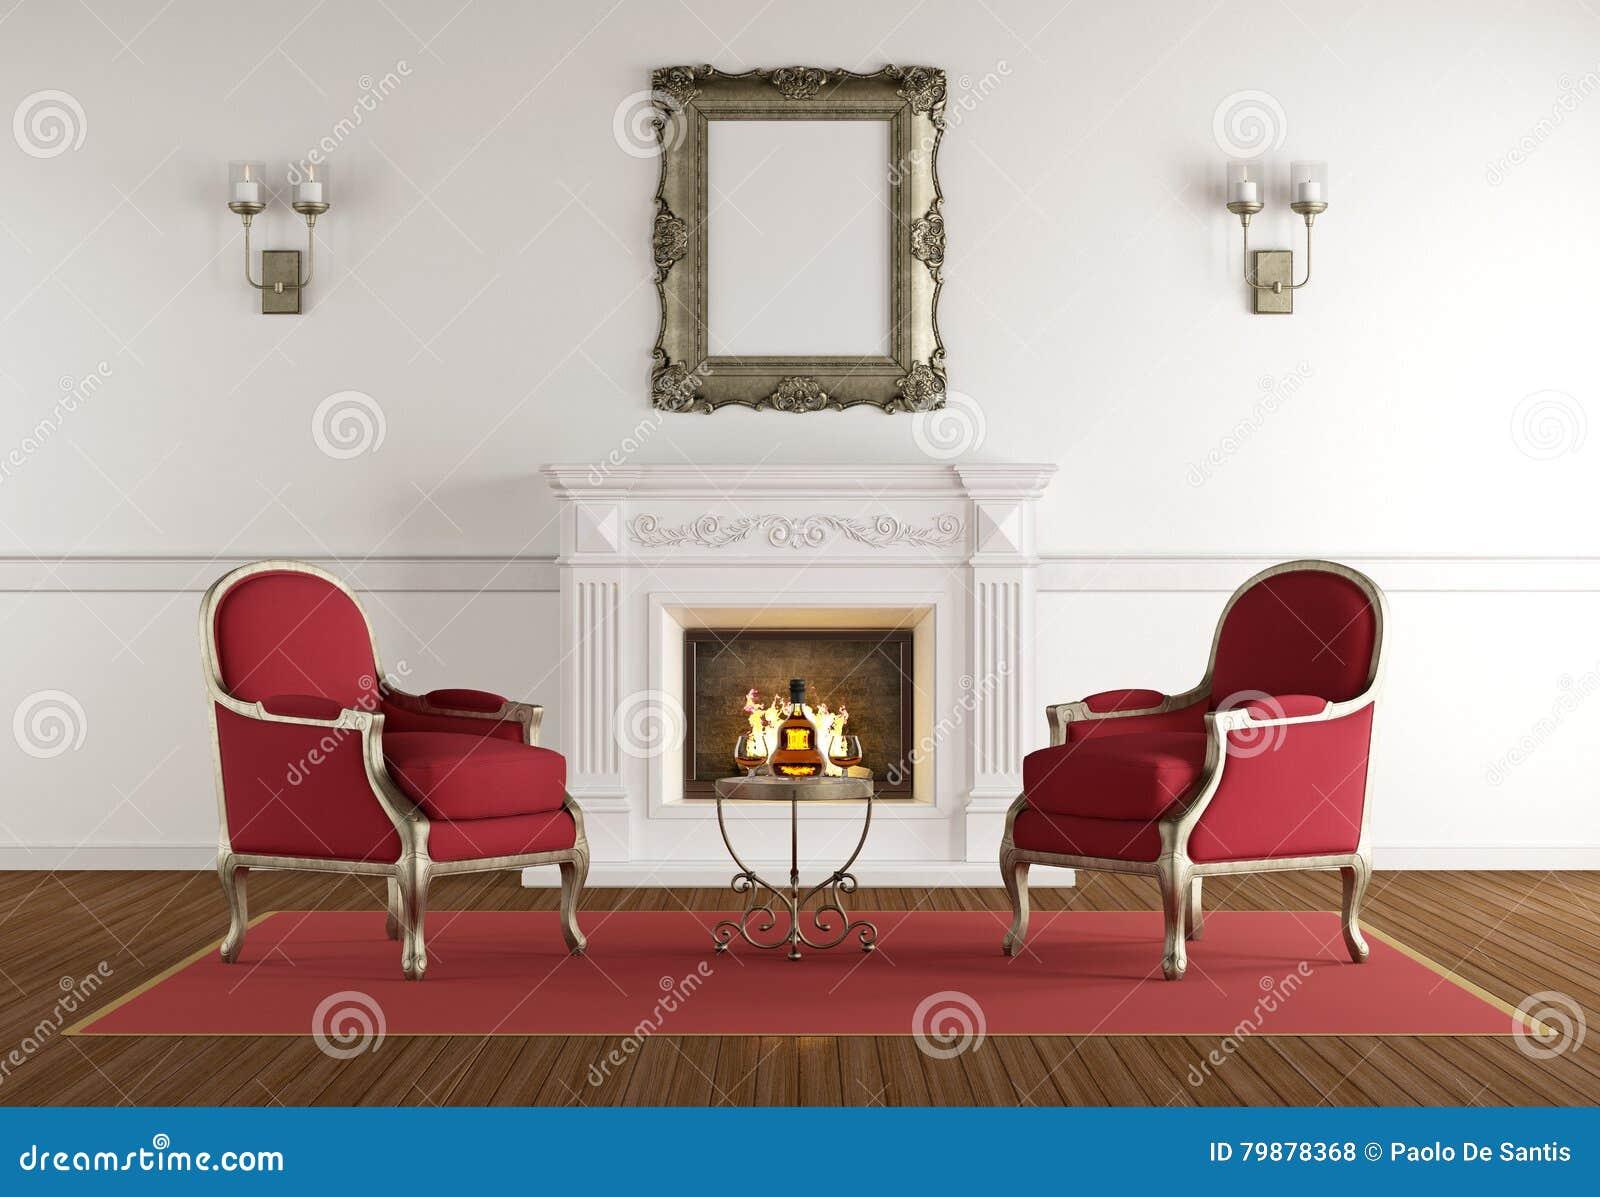 Camino Classico Bianco : Camino bianco in un salone classico illustrazione di stock